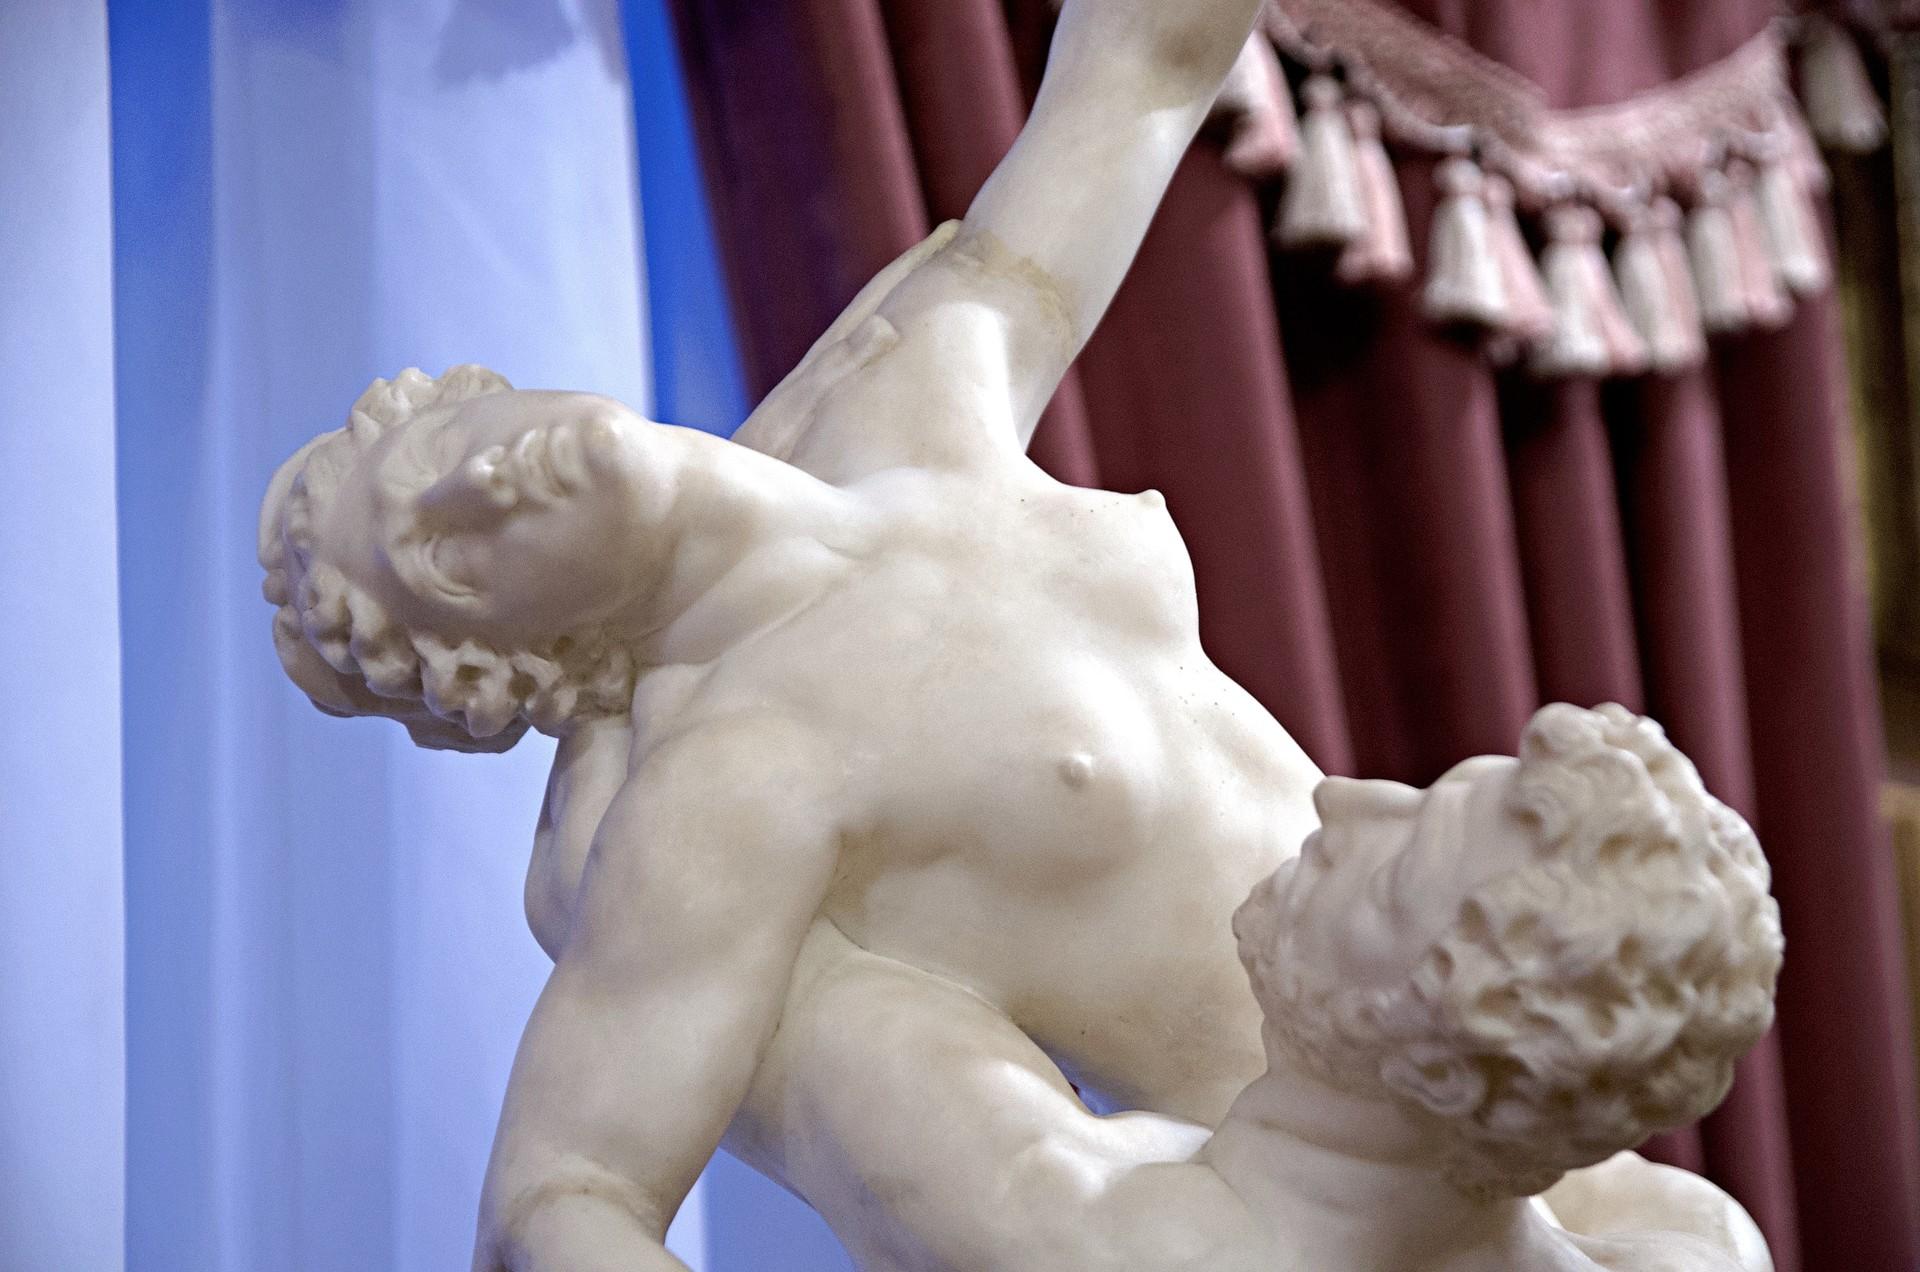 Neben Gemälden und Interieur gehört auch eine feine Skulpturenschau zur Dauerausstellung.